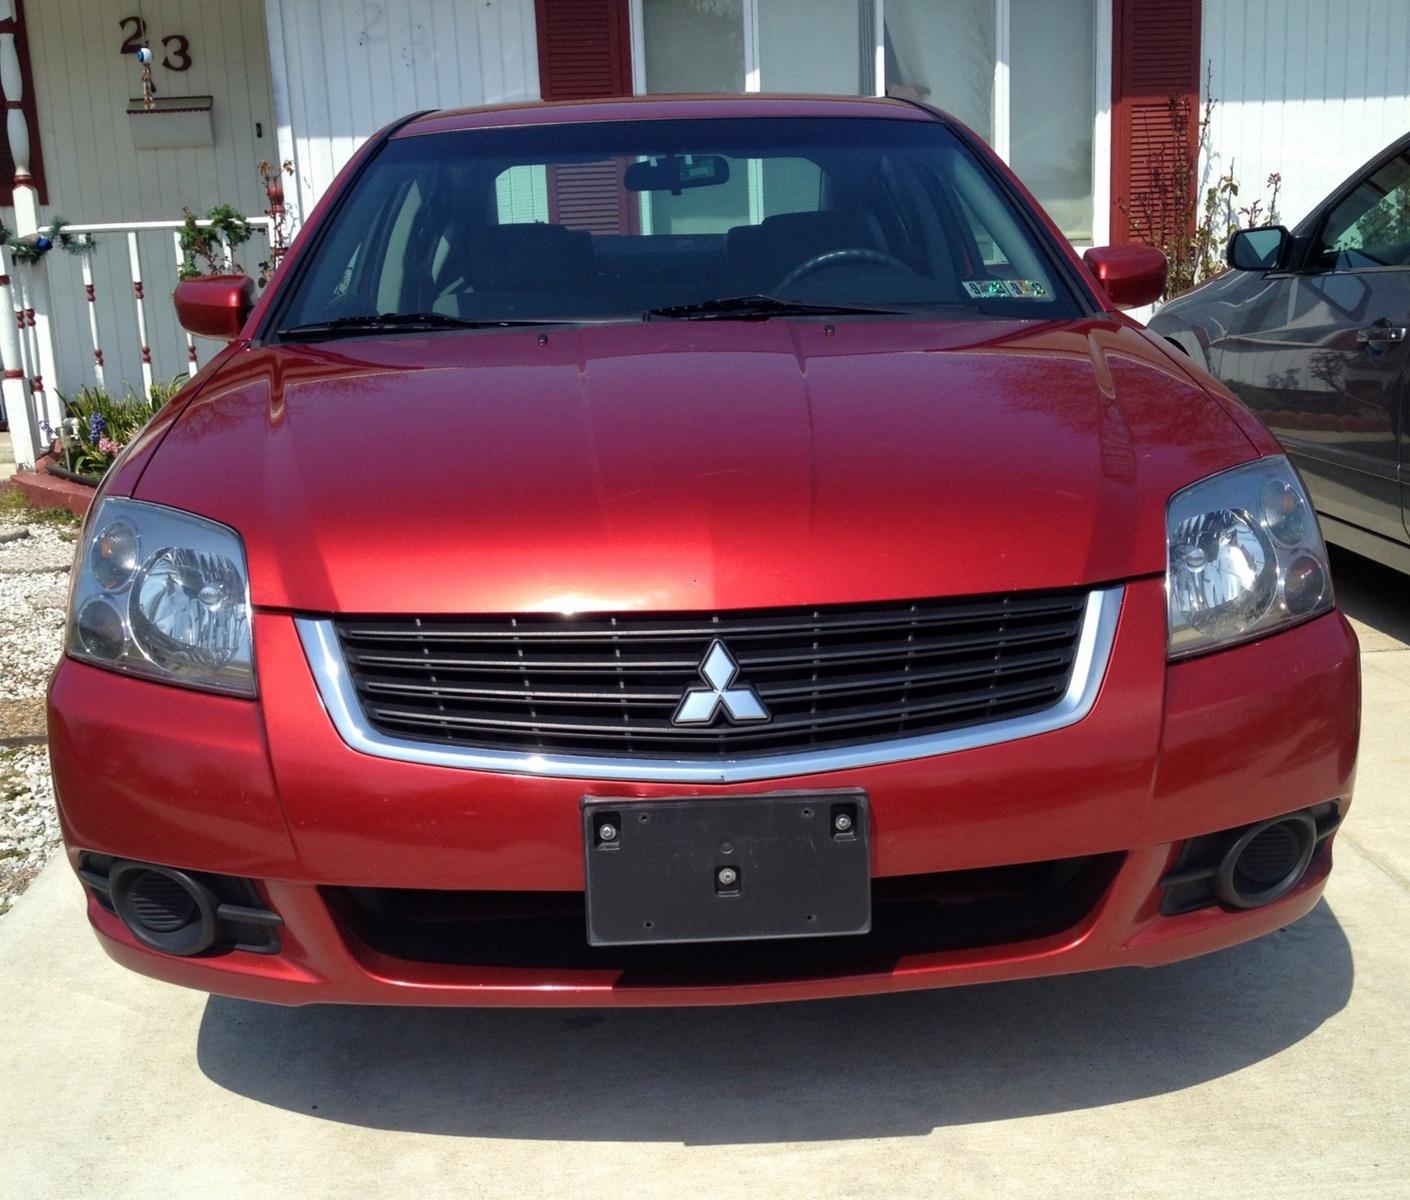 Mitsubishi Galant: 2009 Mitsubishi Galant